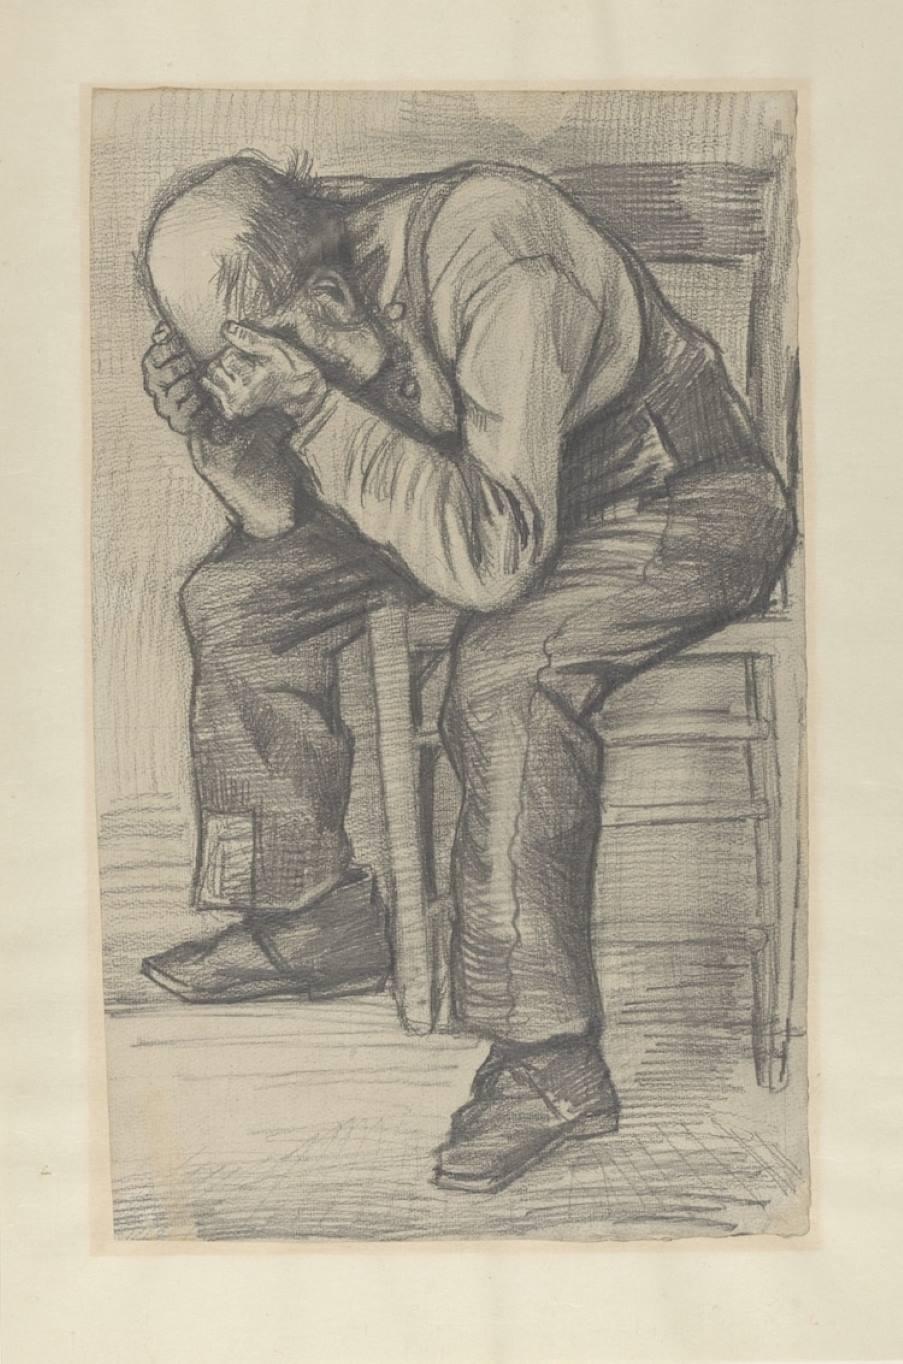 Πρόσφατα αναγνωρισμένο σκίτσο του Βίνσεντ Βαν Γκογκ εκτίθεται για πρώτη φορά σε μουσείο